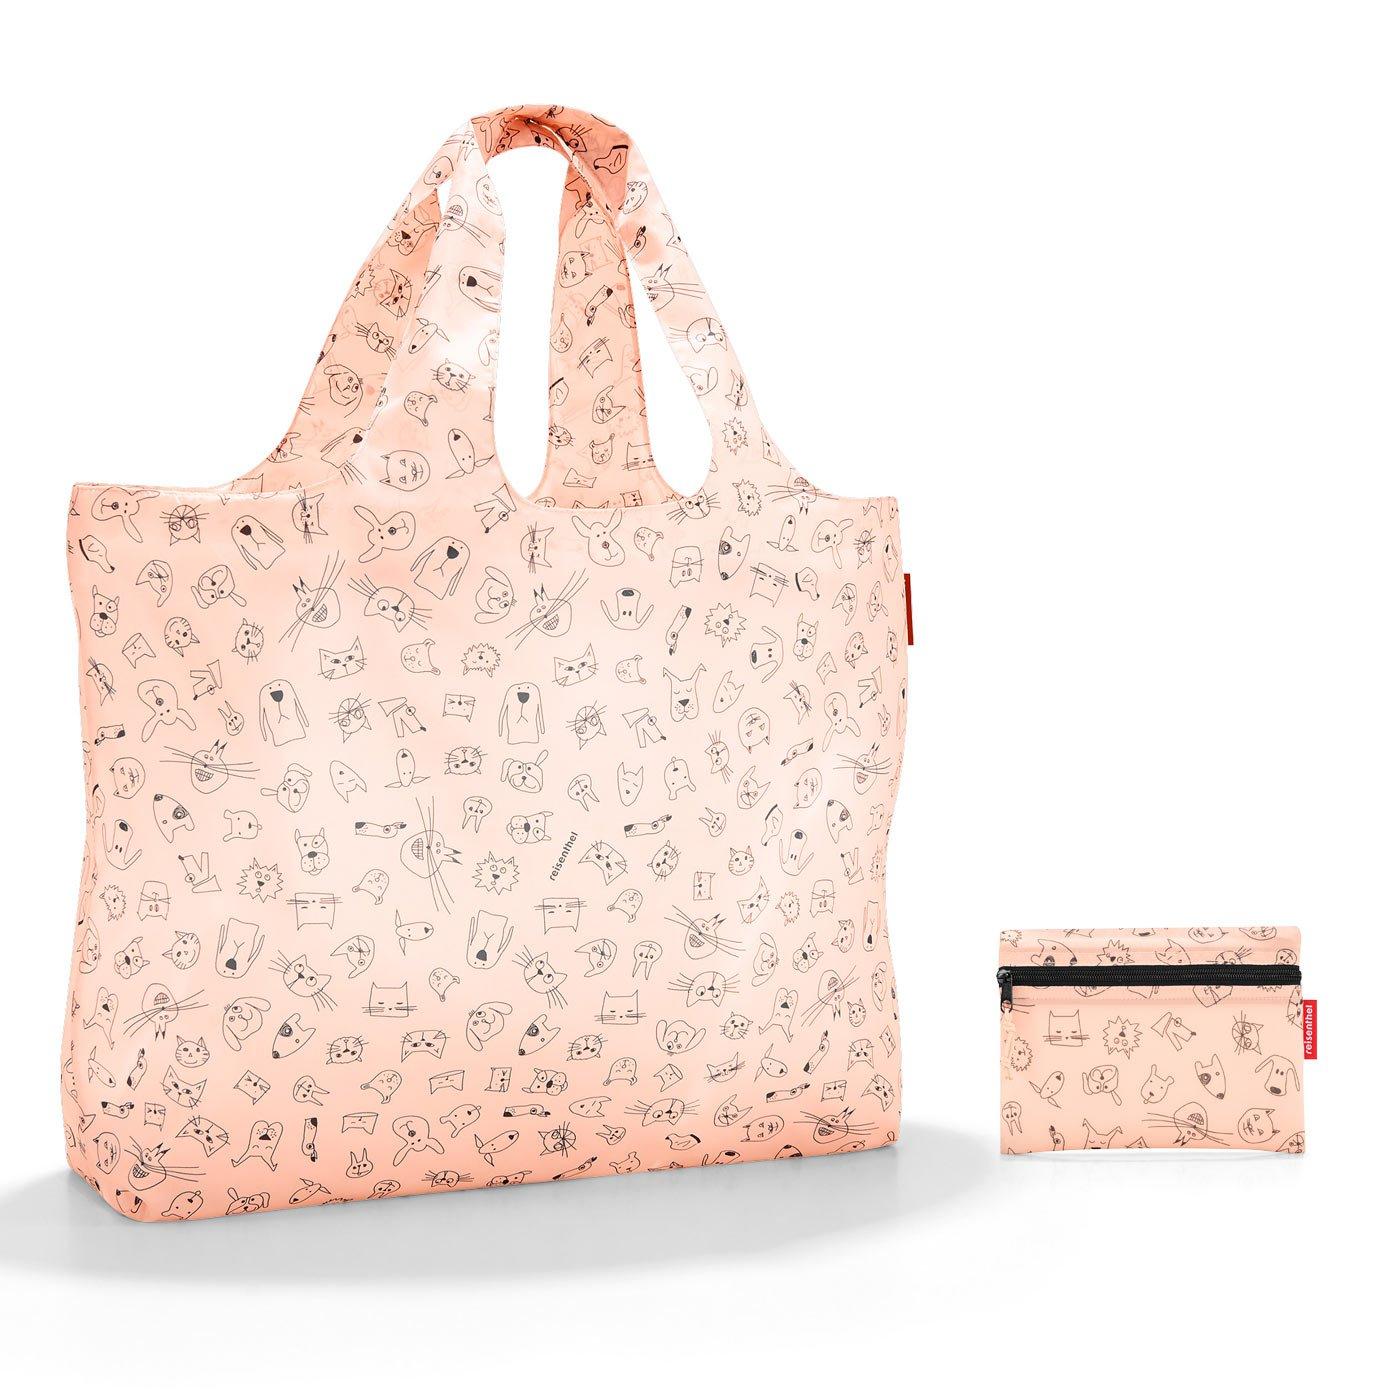 922aa85720 Reisenthel Plážová skládací taška Mini maxi beachbag cats and dogs rose  AA3064